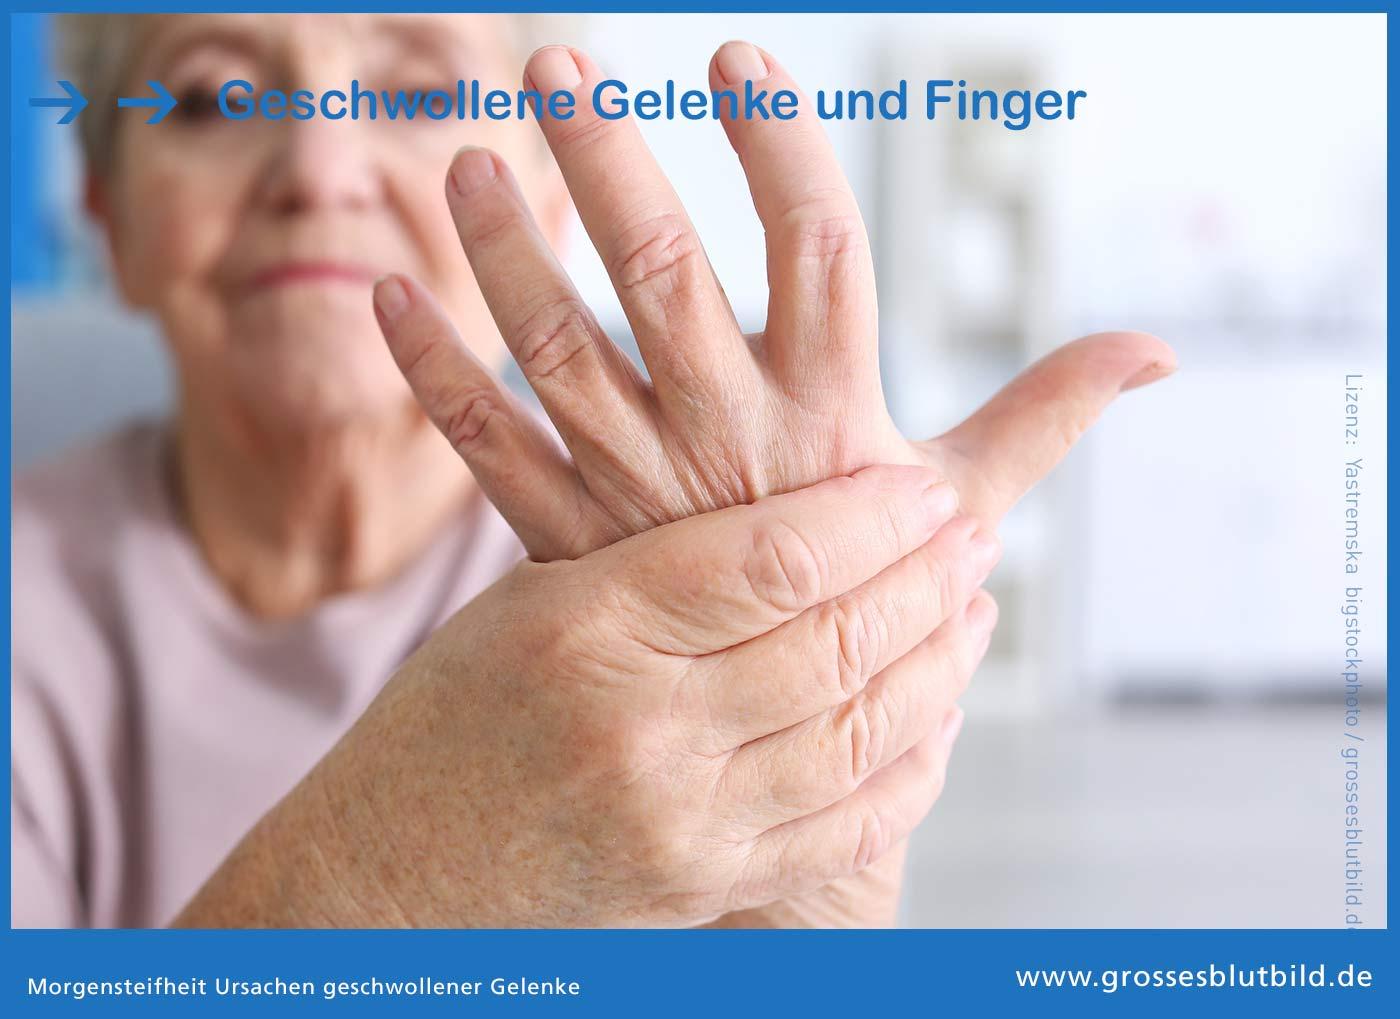 Geschwollene Gelenke und Finger